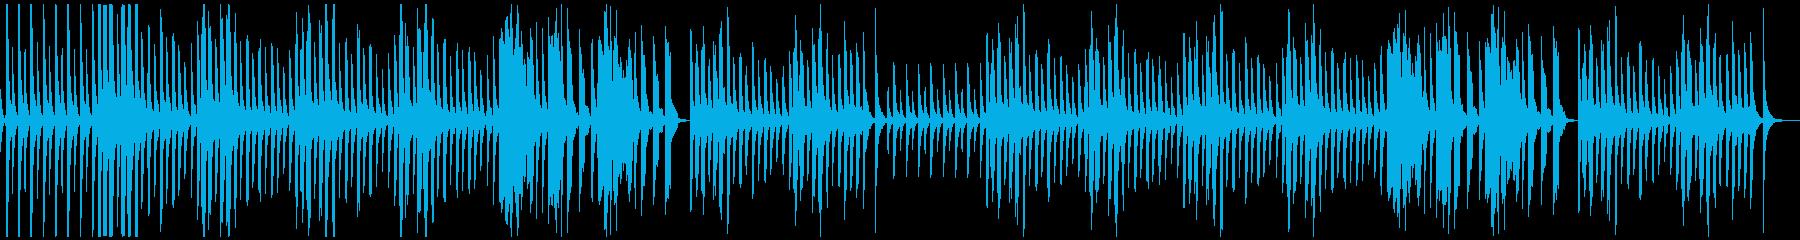 のんびり・ほのぼの・優しいBGMの再生済みの波形